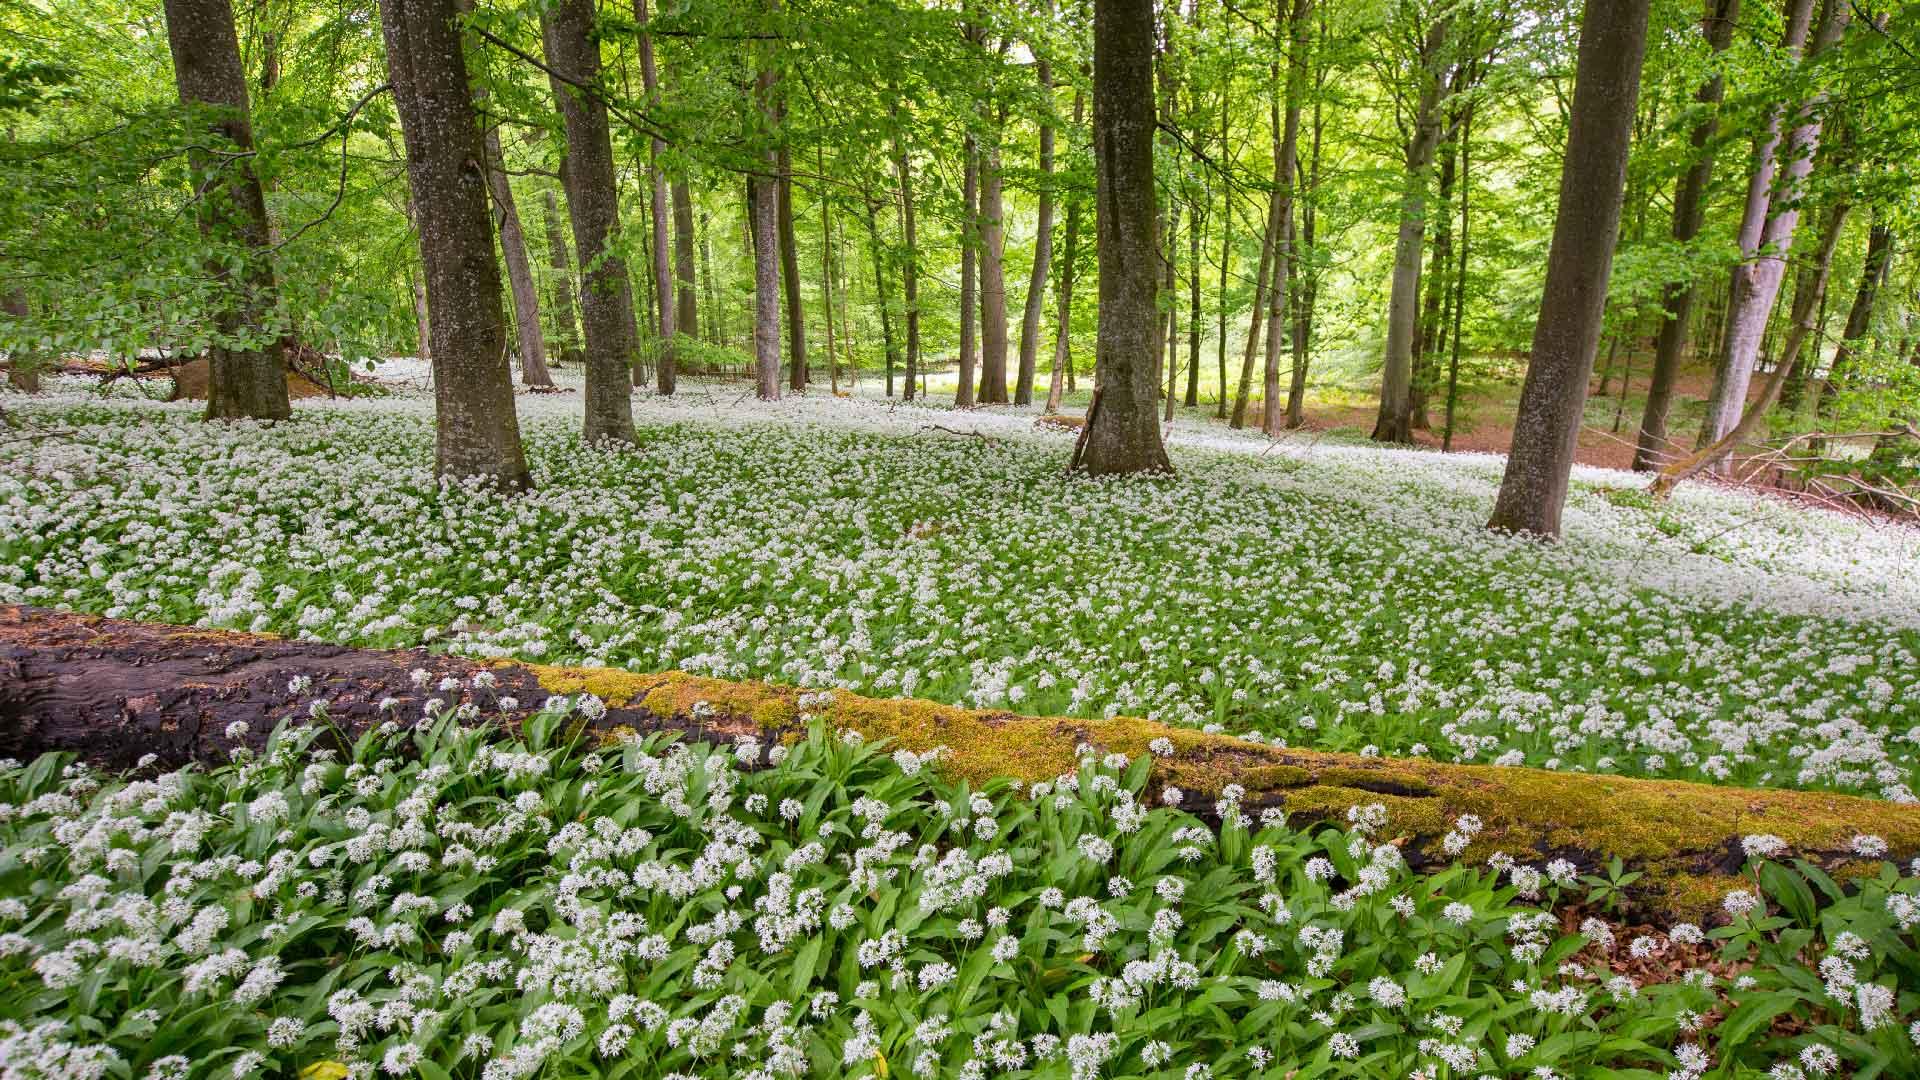 Ädellövskog med marken täckt av ramslök i Maltesholm. Foto: Patrik Olofsson/N